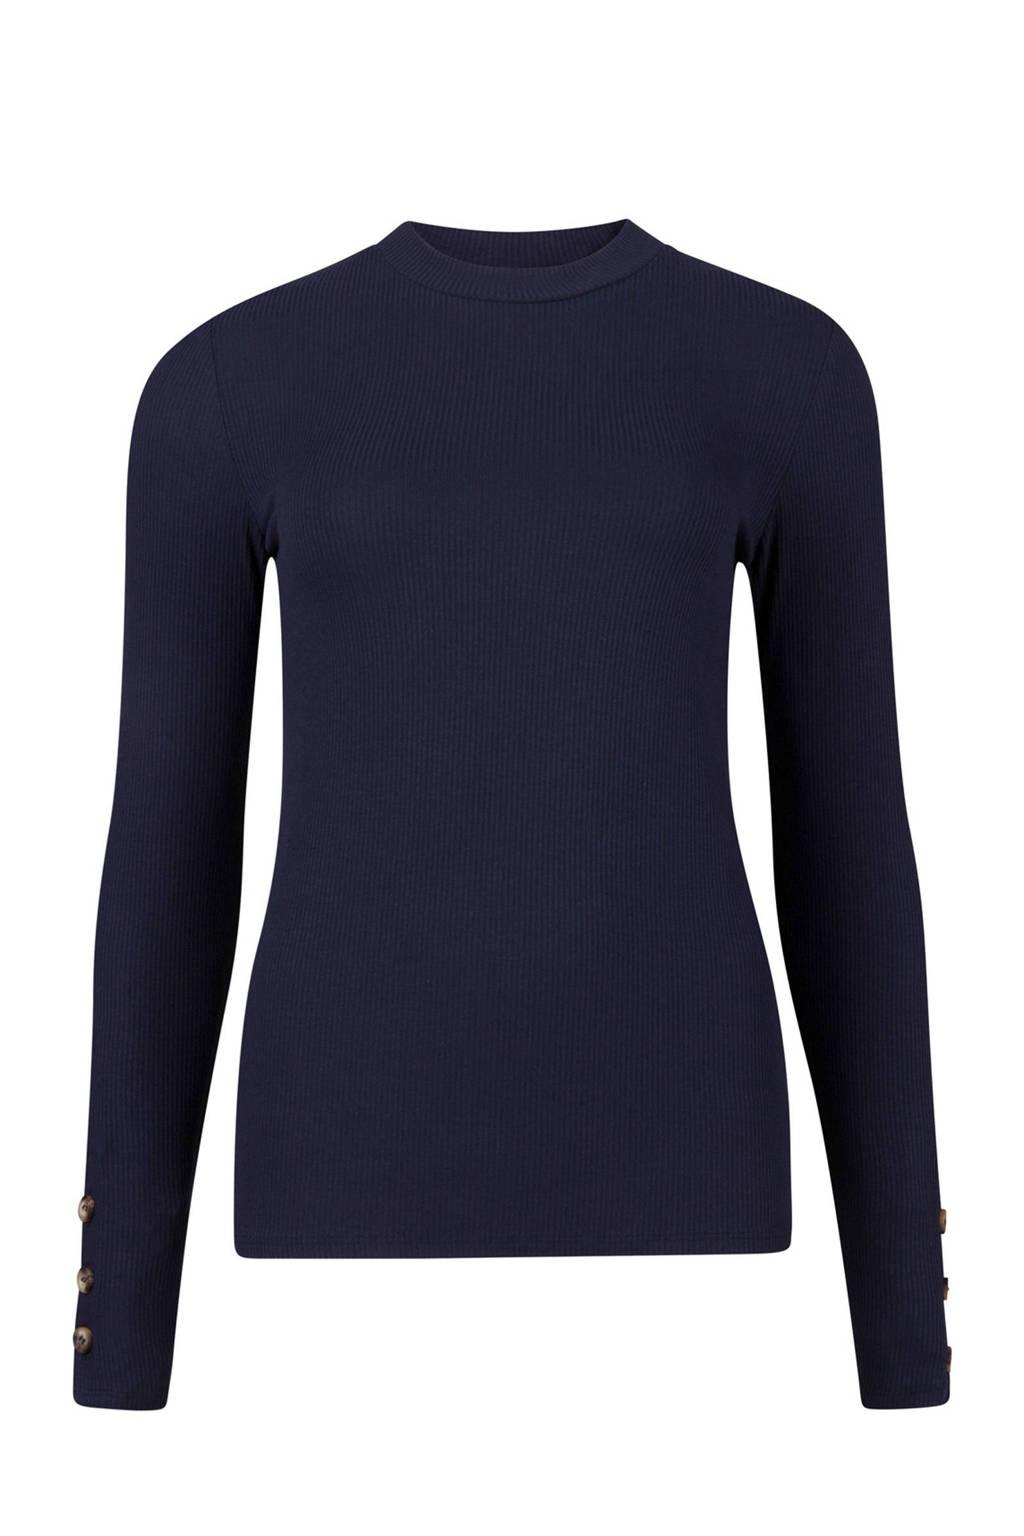 WE Fashion T-shirt blauw, Donkerblauw